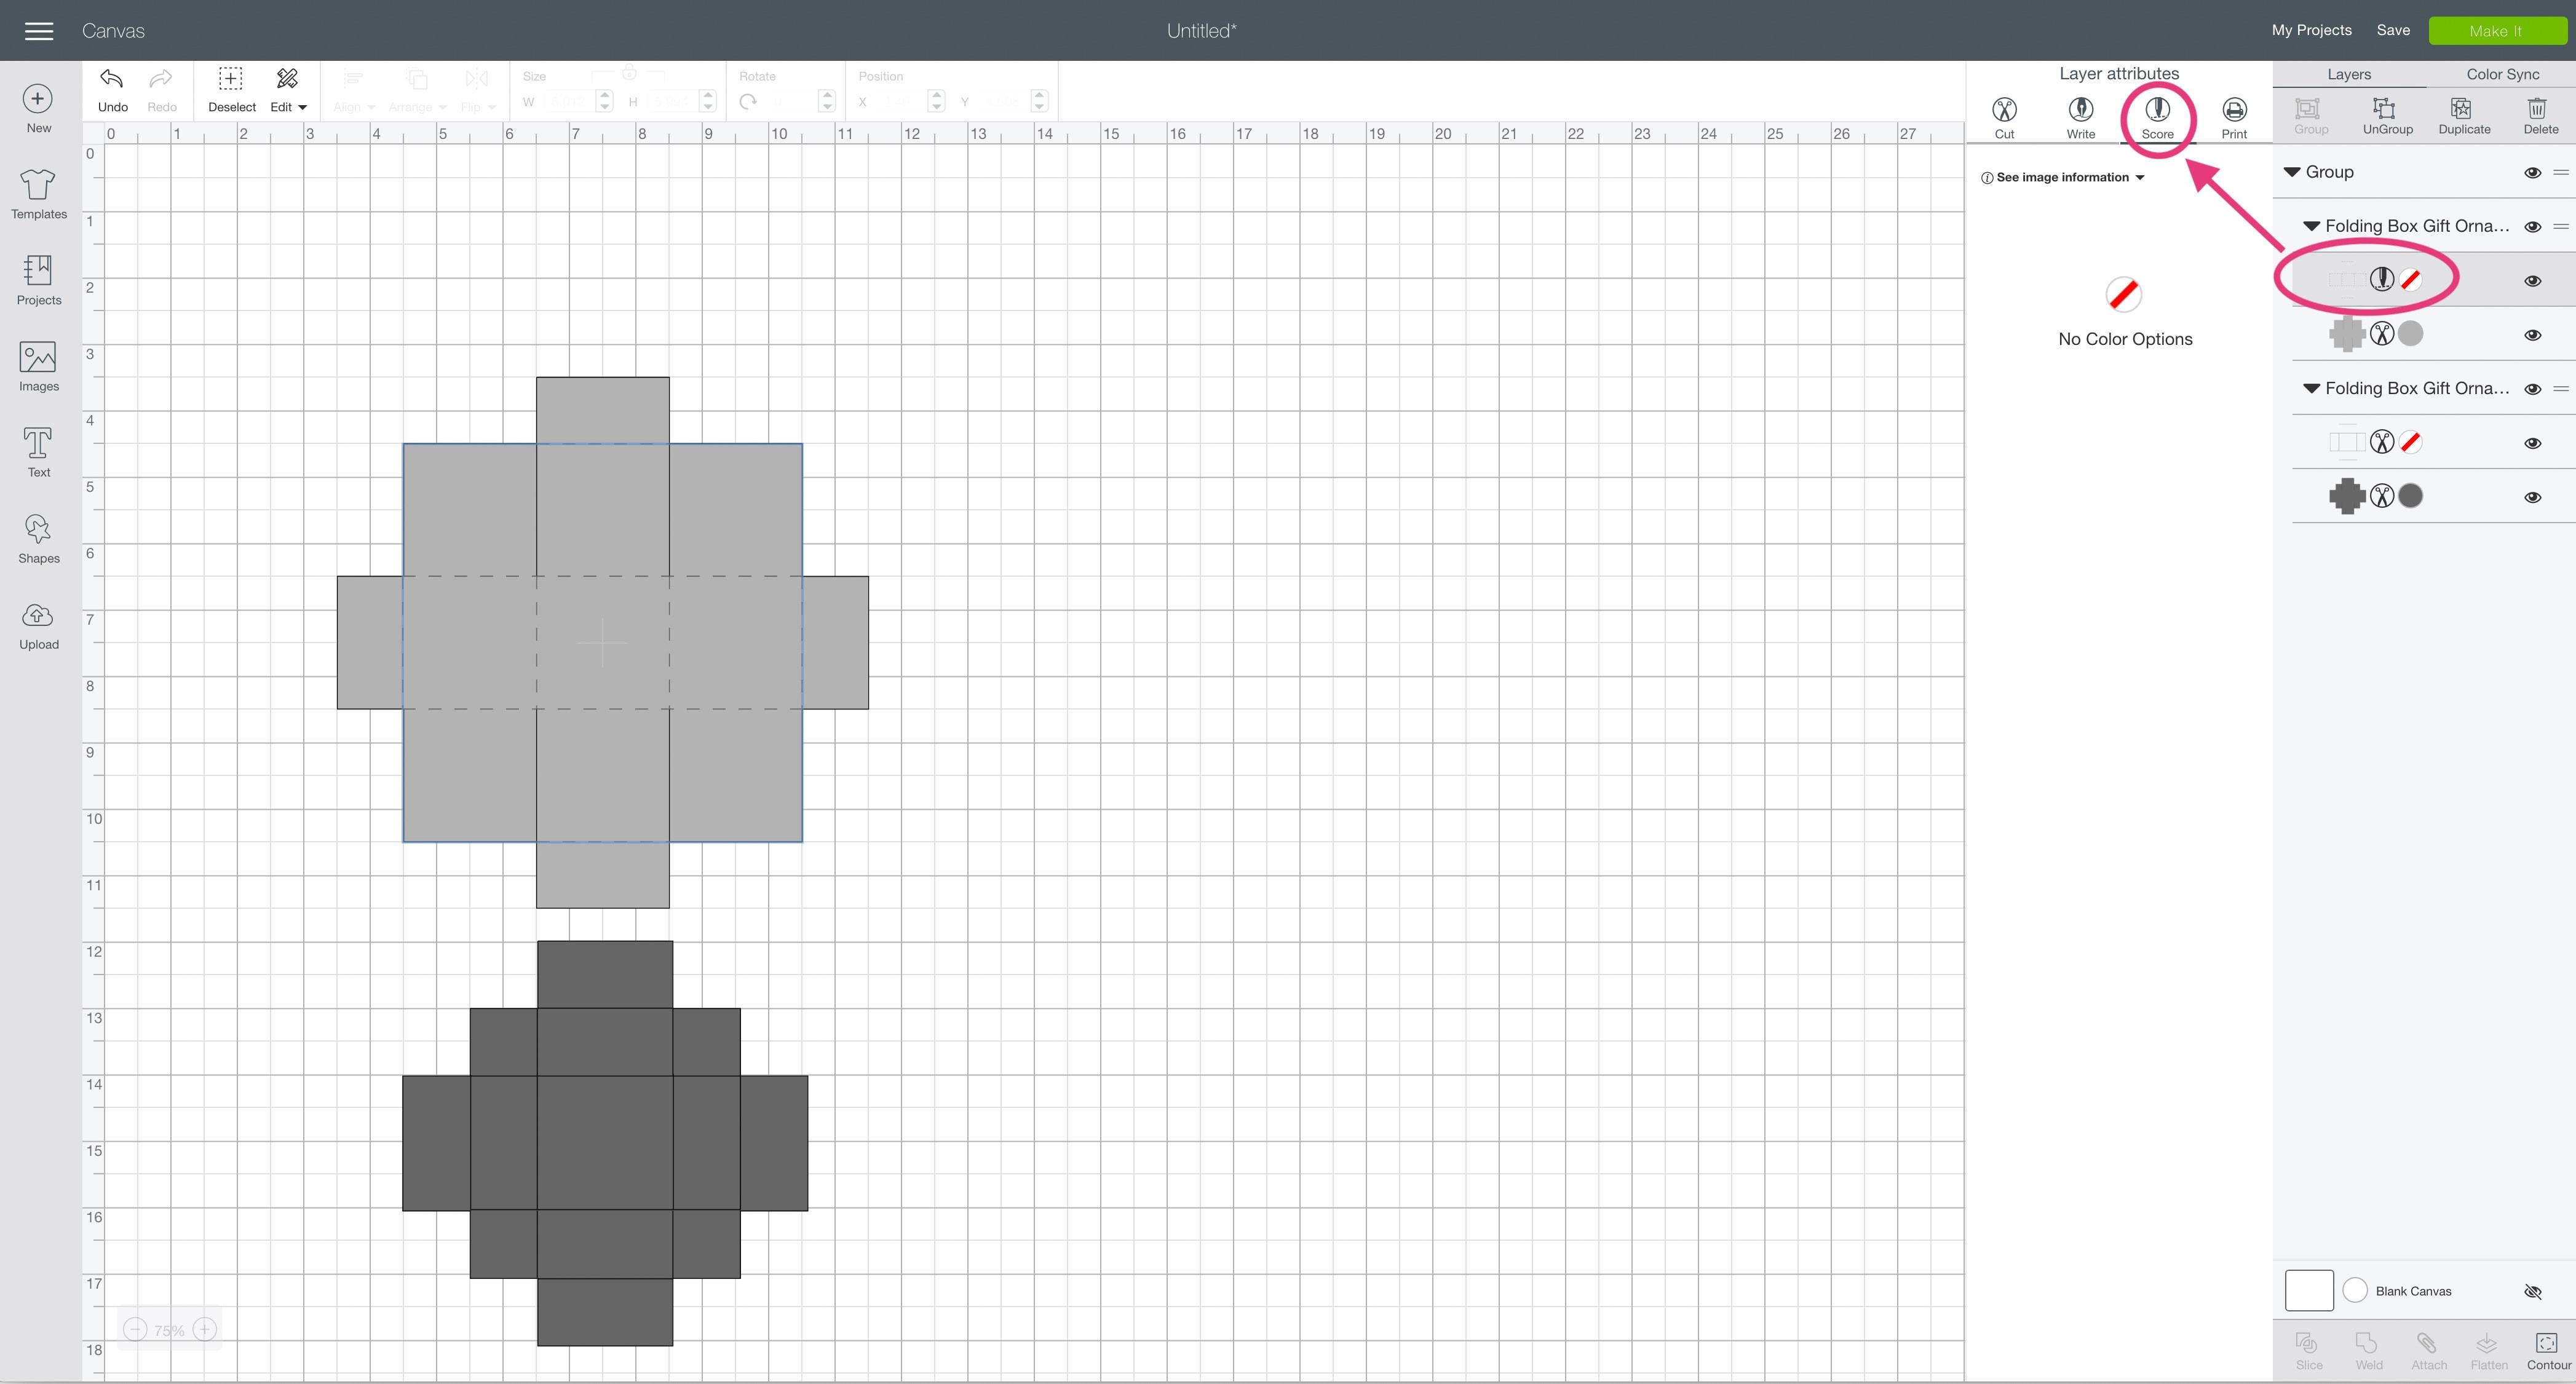 score layer attributes box Cricut Design Space folding box gift ornament